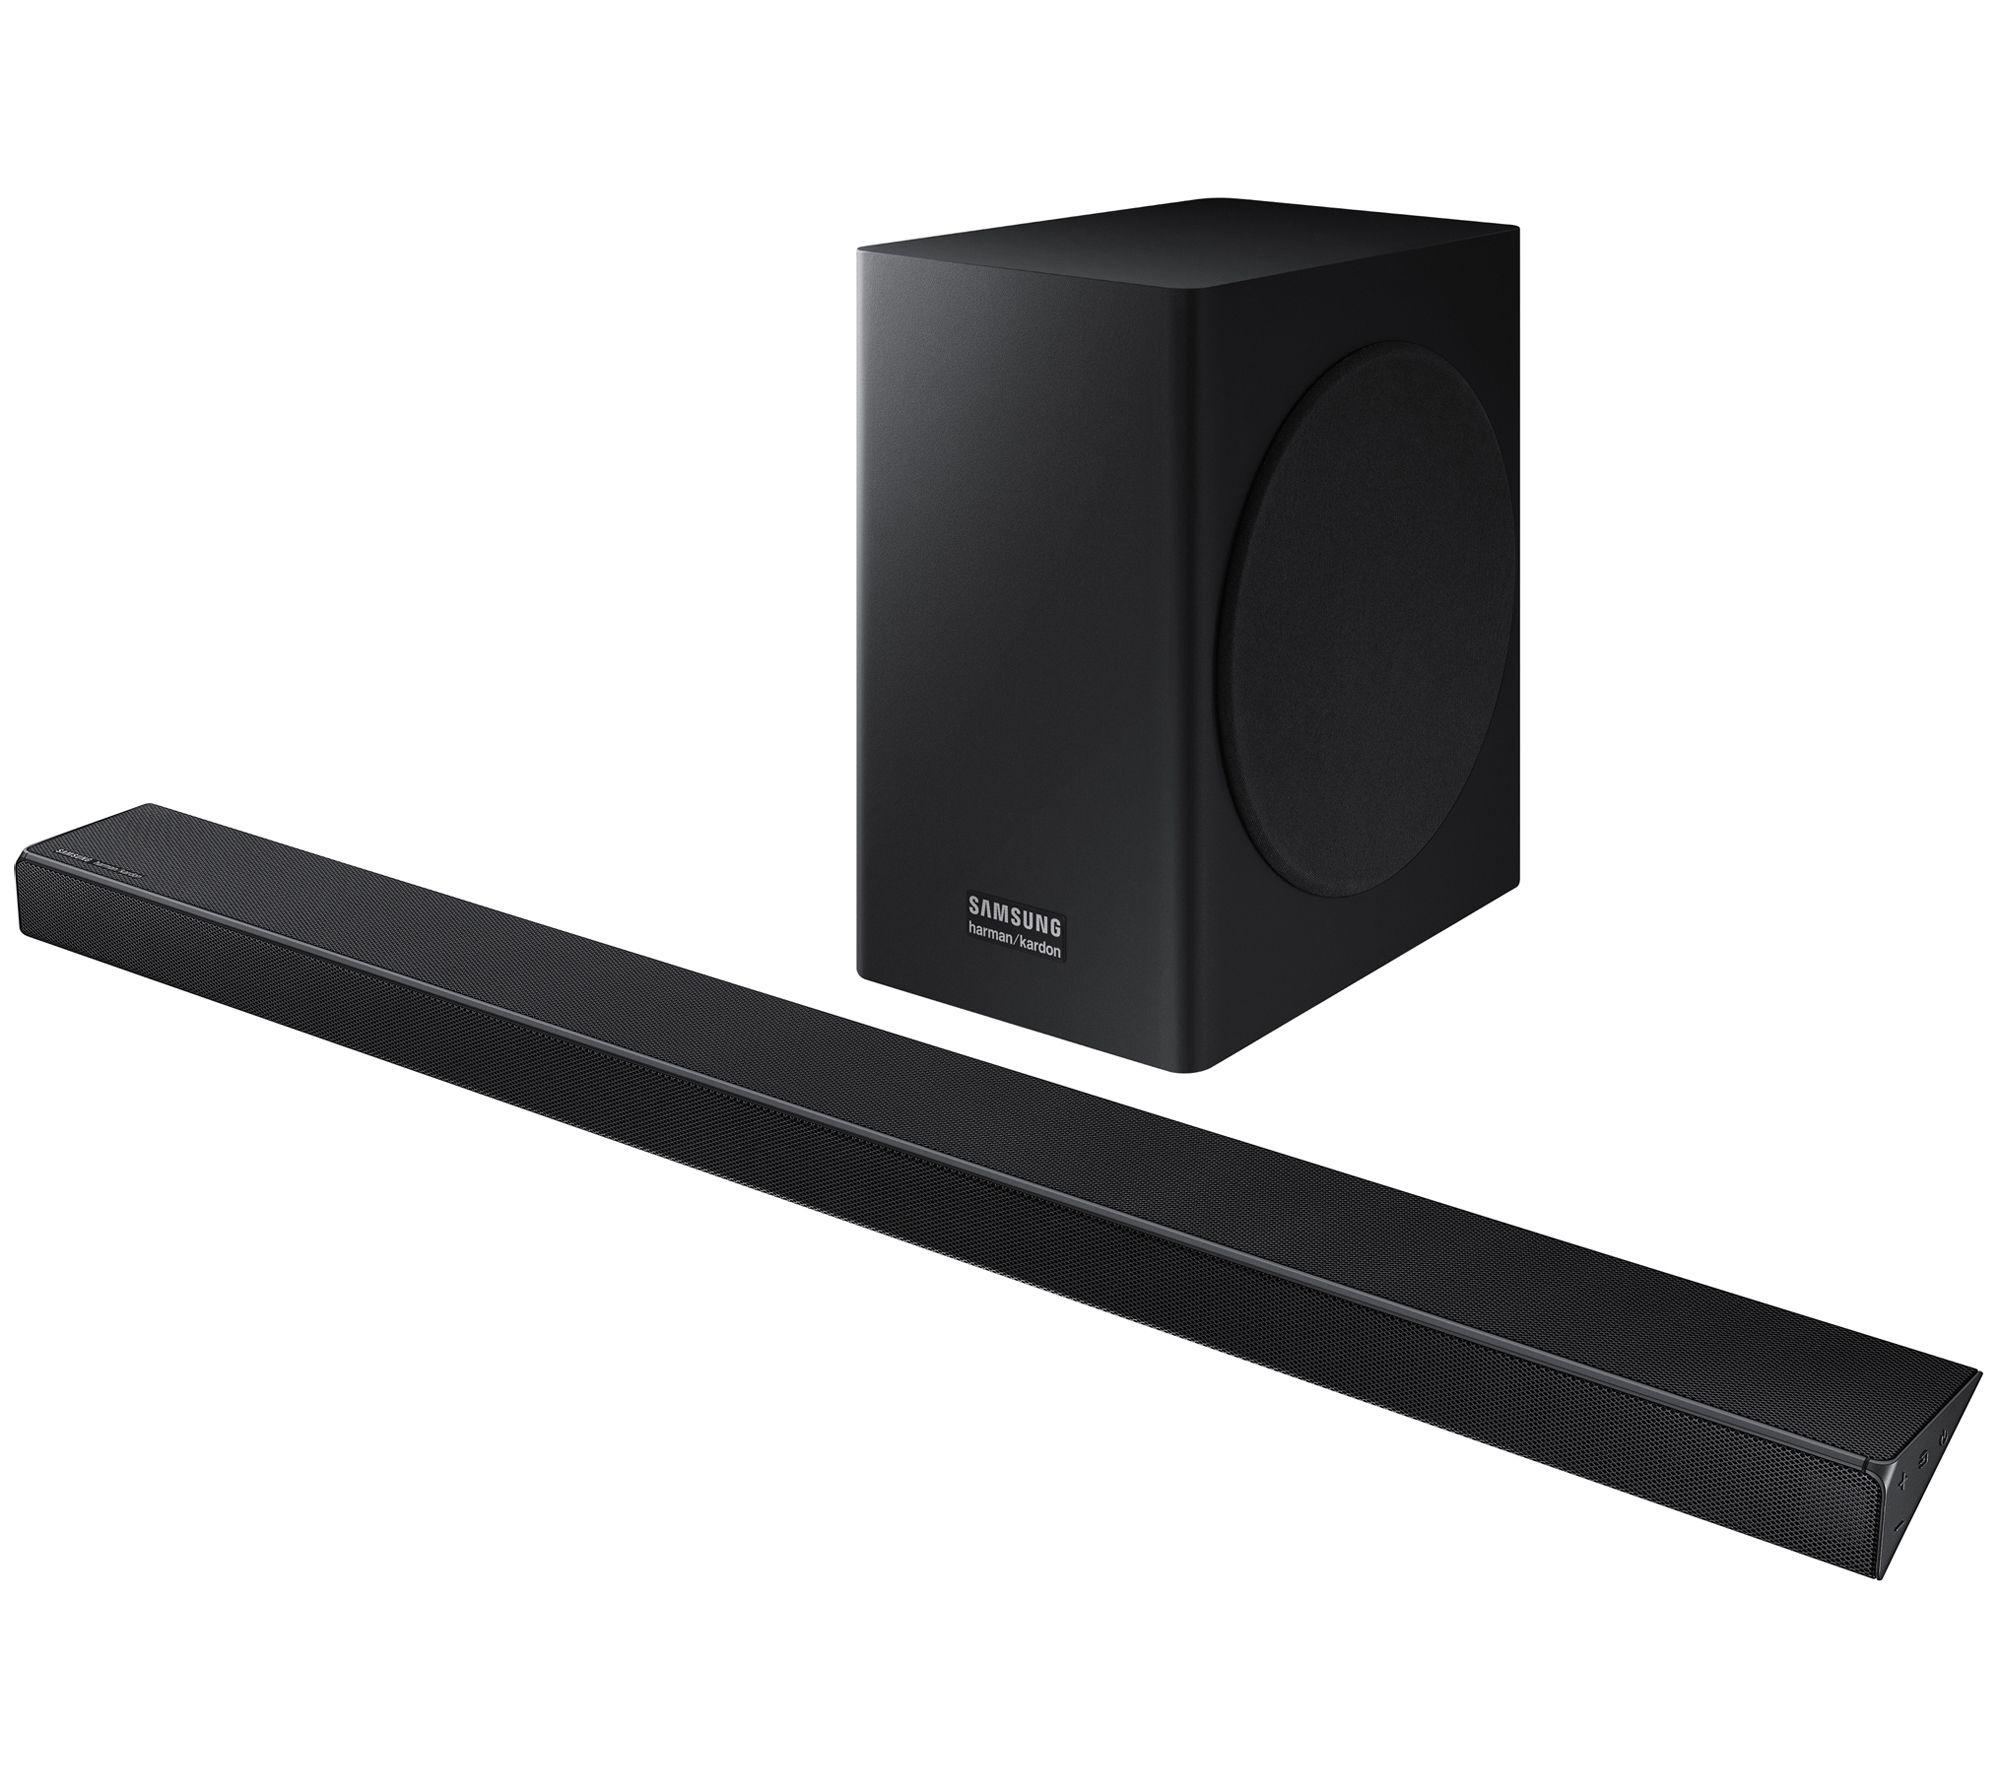 Samsung HW-Q60R Soundbar w/ Subwoofer System $299.99 FS